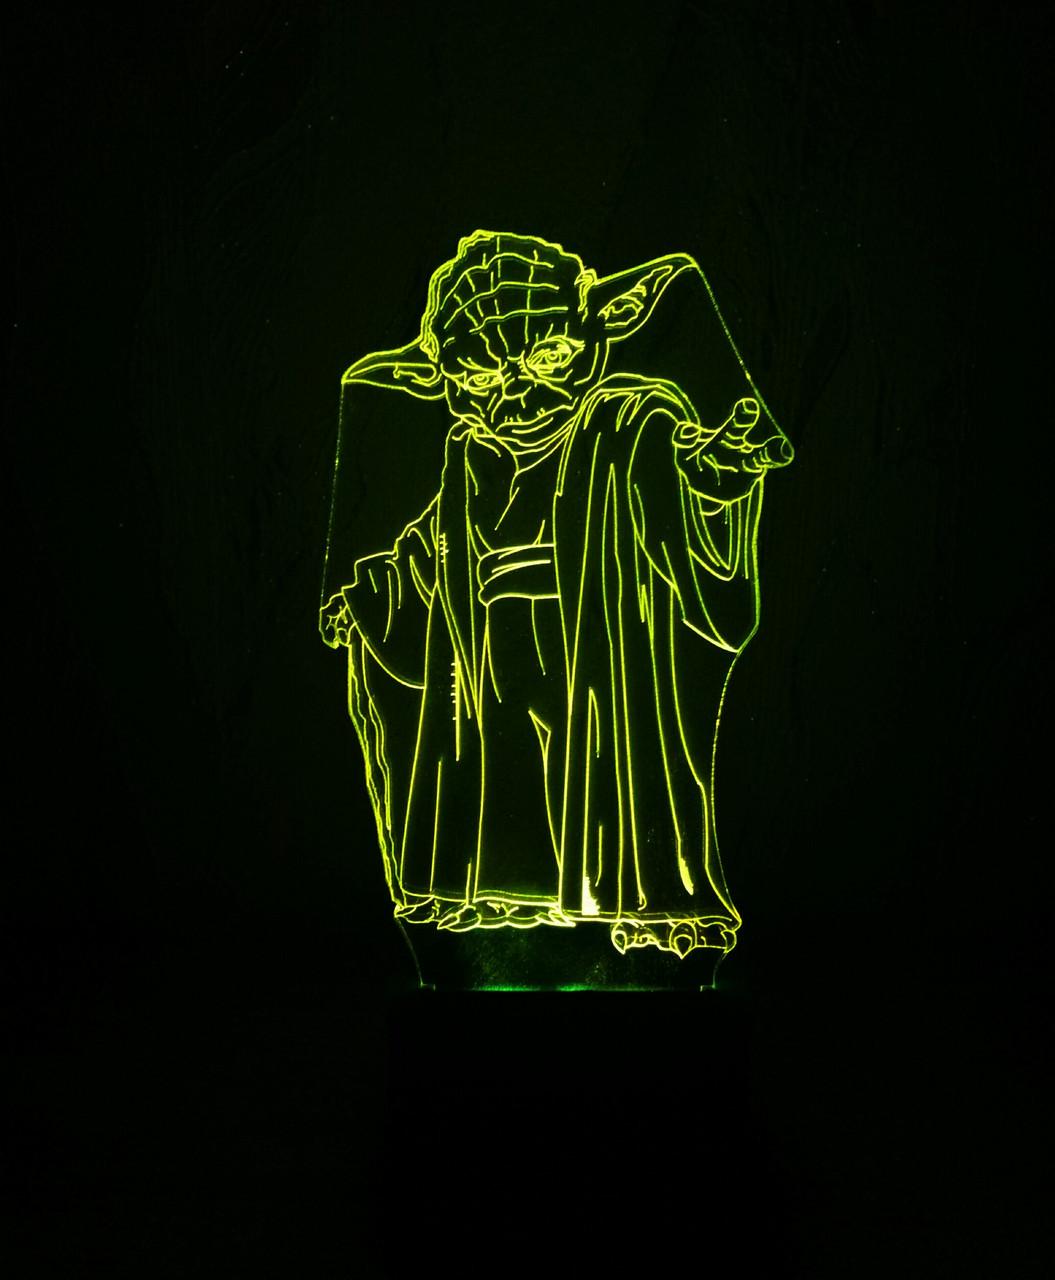 3d-светильник Мастер Йода (Звездные войны Star wars), 3д-ночник, несколько подсветок (на пульте)